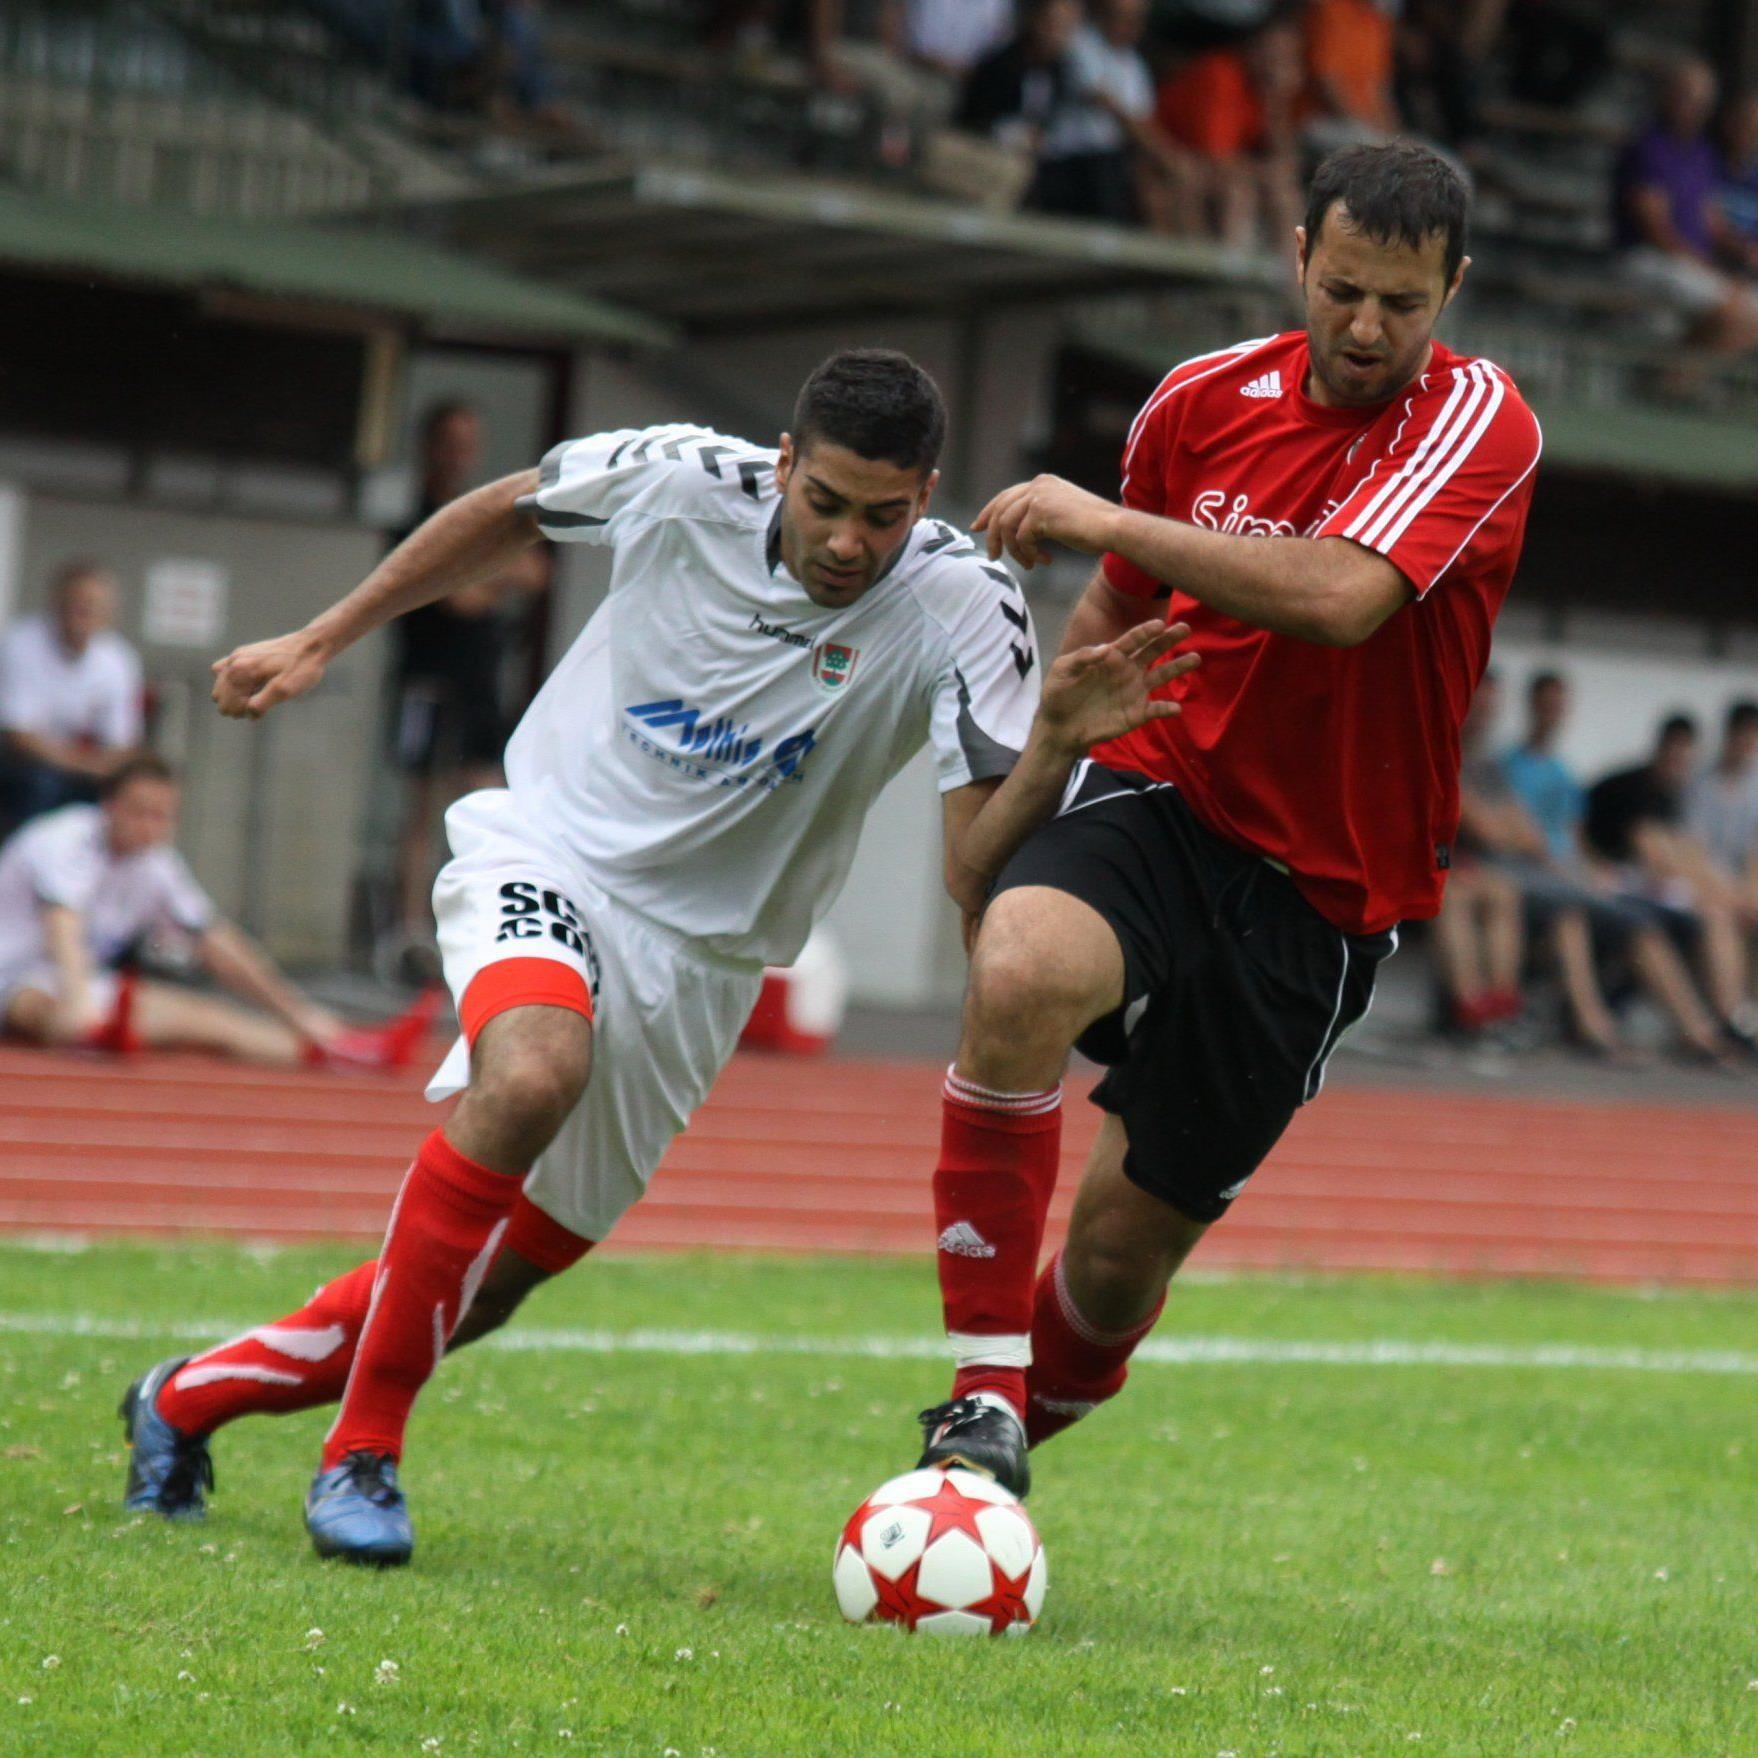 FC Dornbirn droht im Jubiläumsjahr der Absturz in die RLW-Vorarlberg.